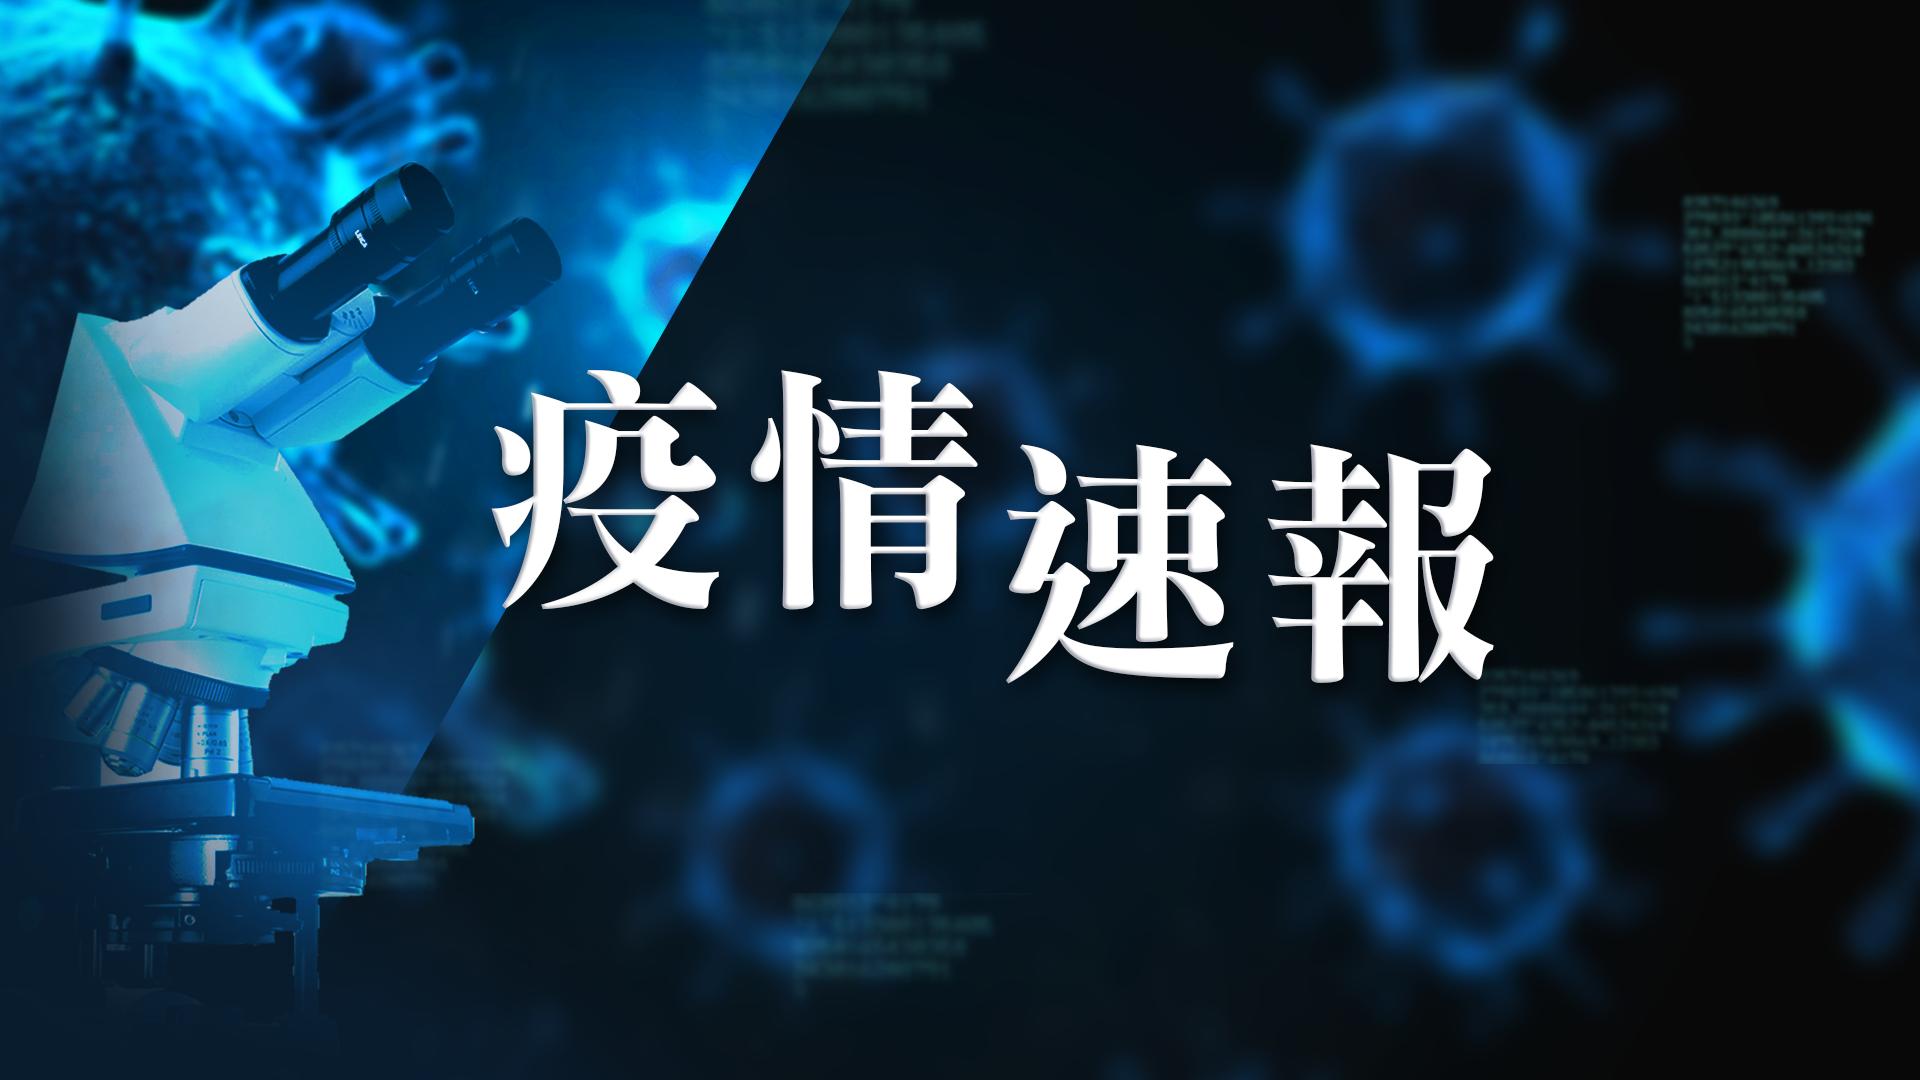 【1月26日疫情速報】(22:30)